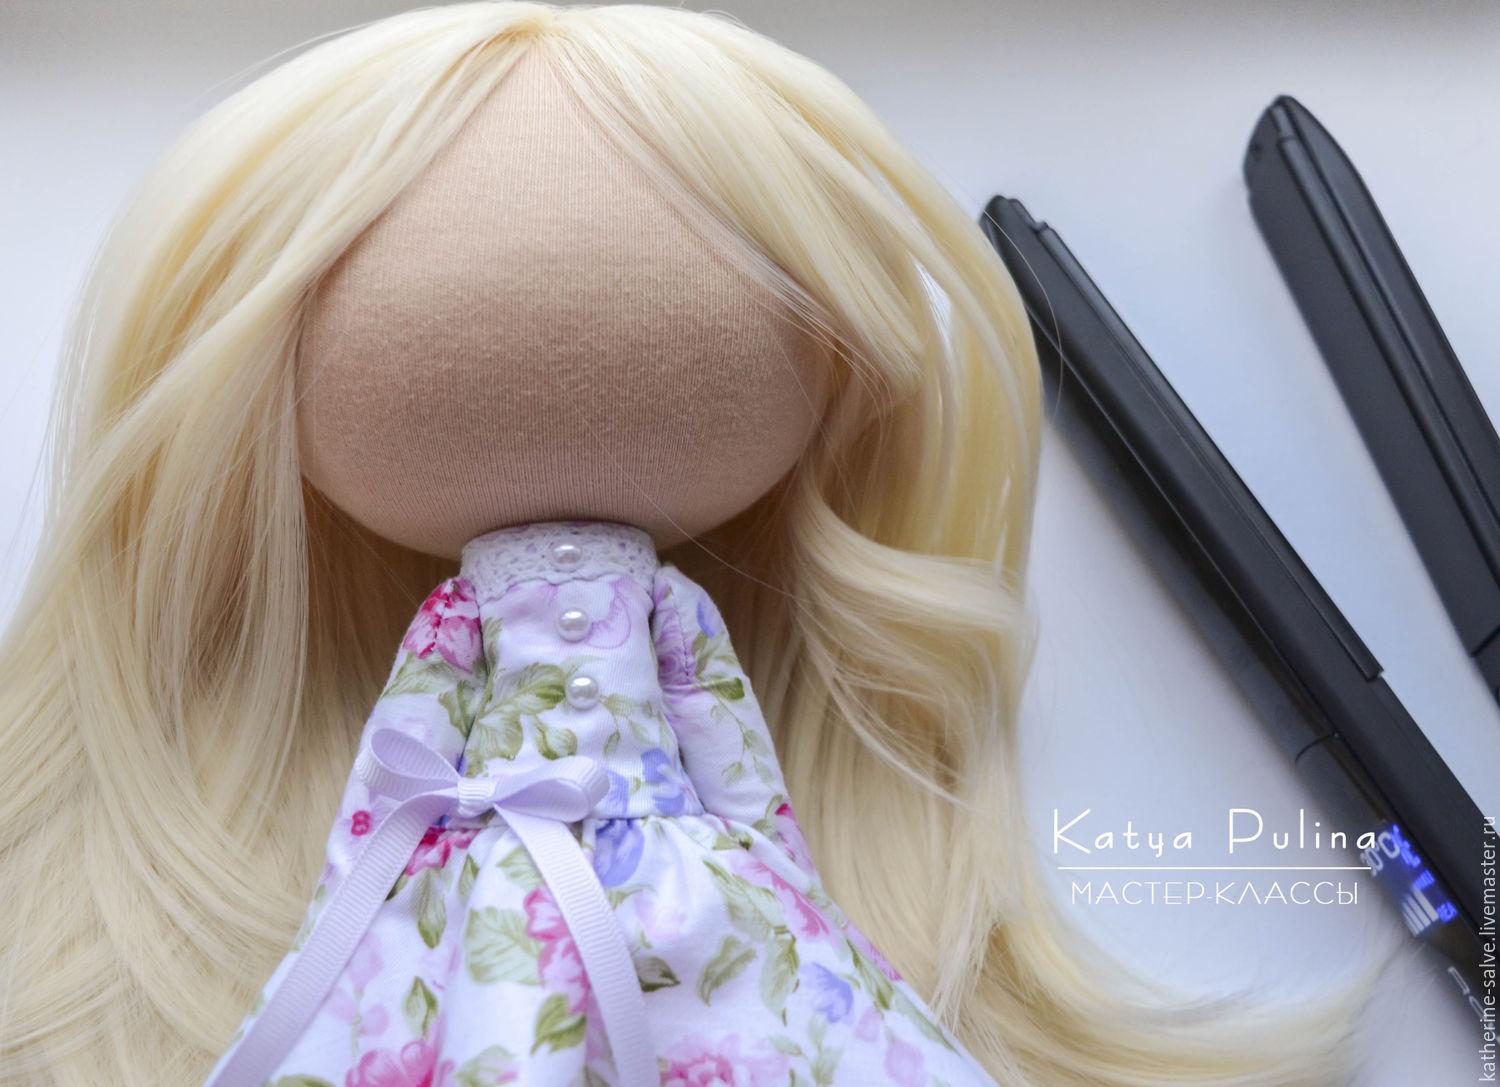 Как уложить кукольные волосы